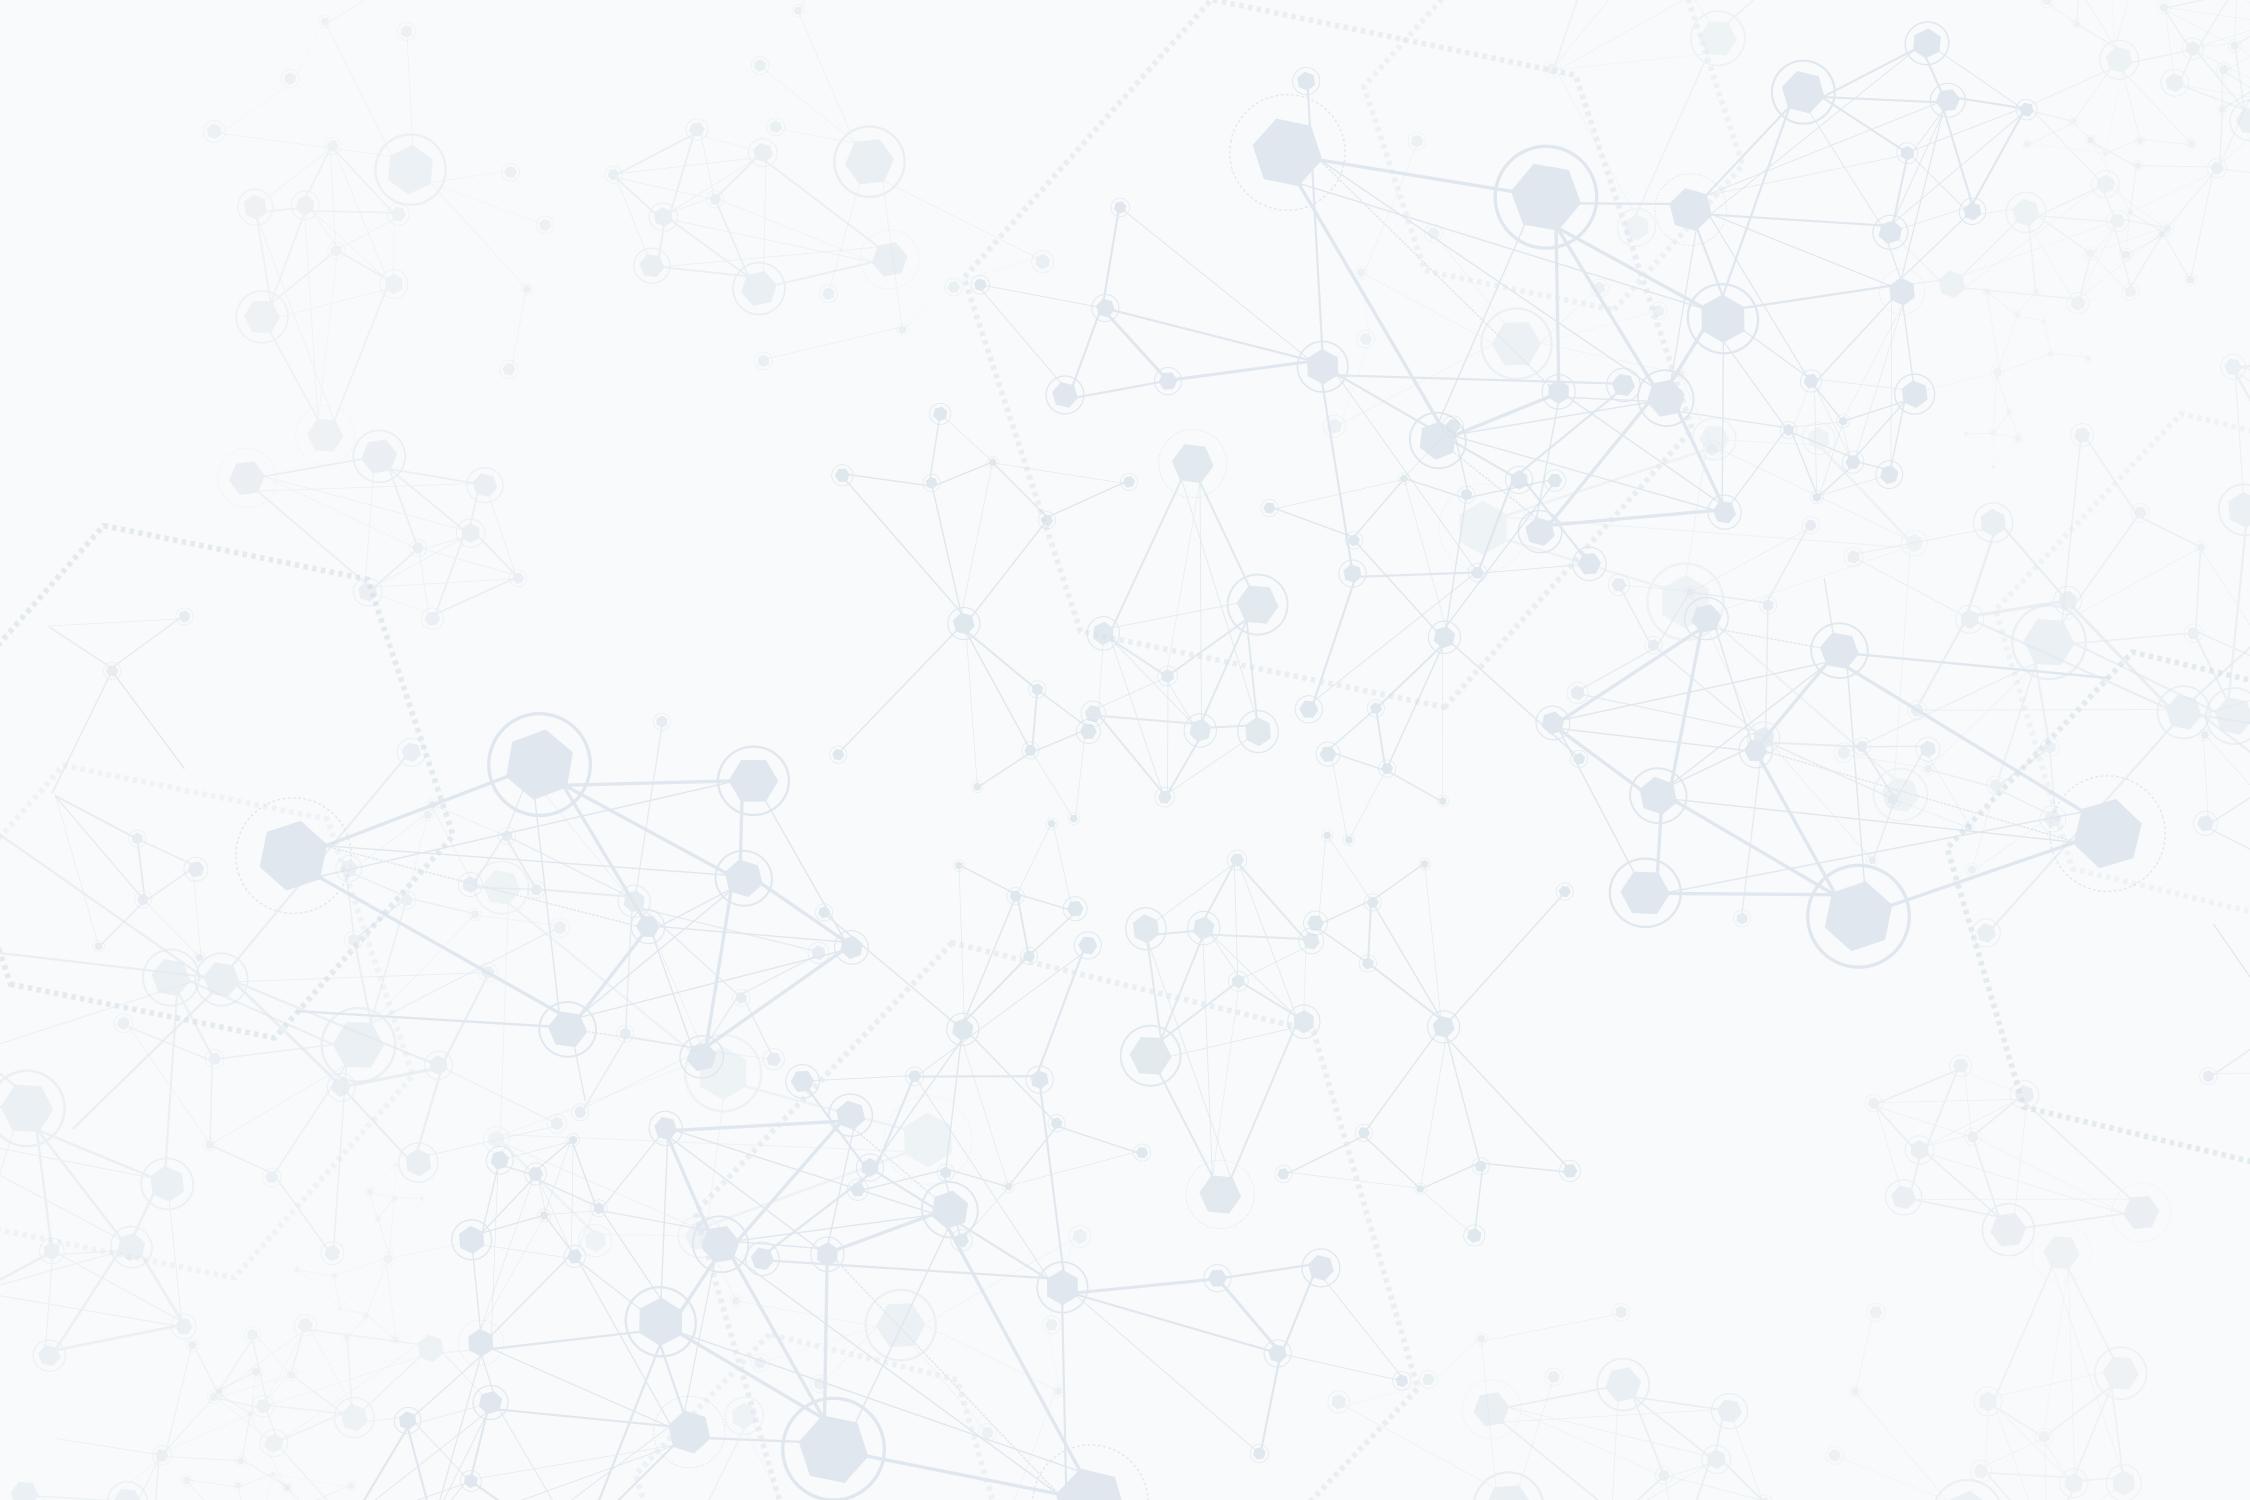 hero-new-demandjump-nodes.png